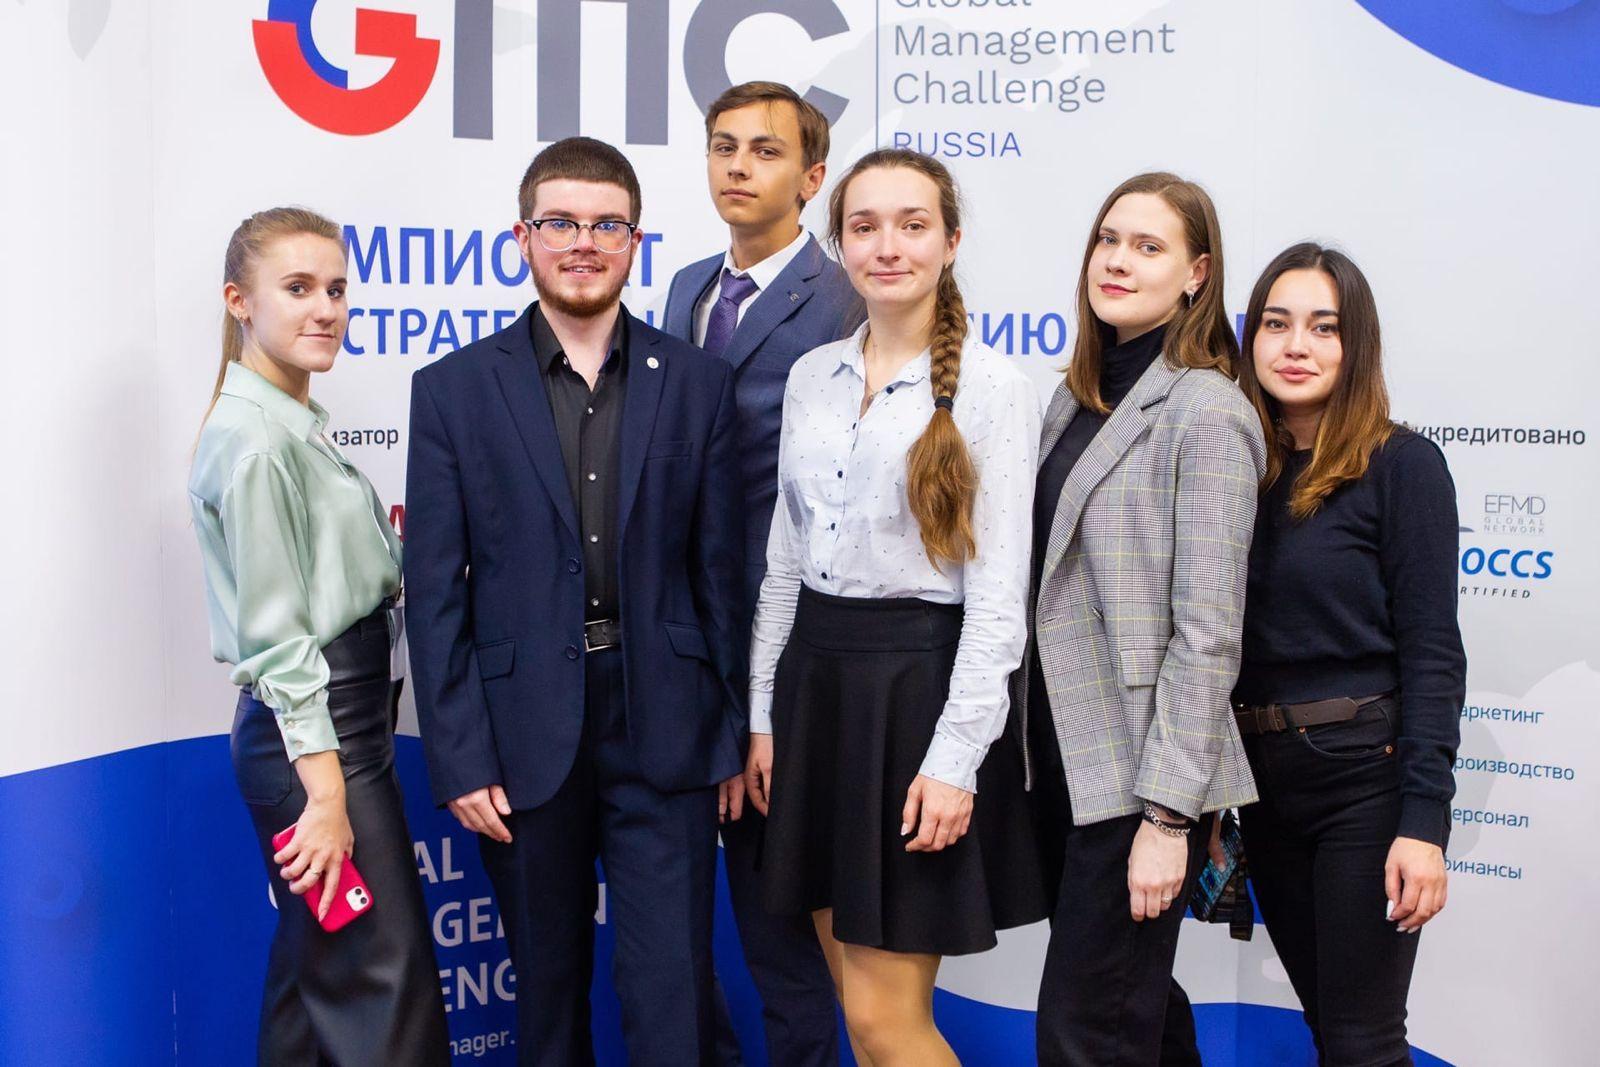 Ведущий специалист Управления общественных связей и молодежной политики Якутска стала финалистом национального чемпионата Global Management Challenge